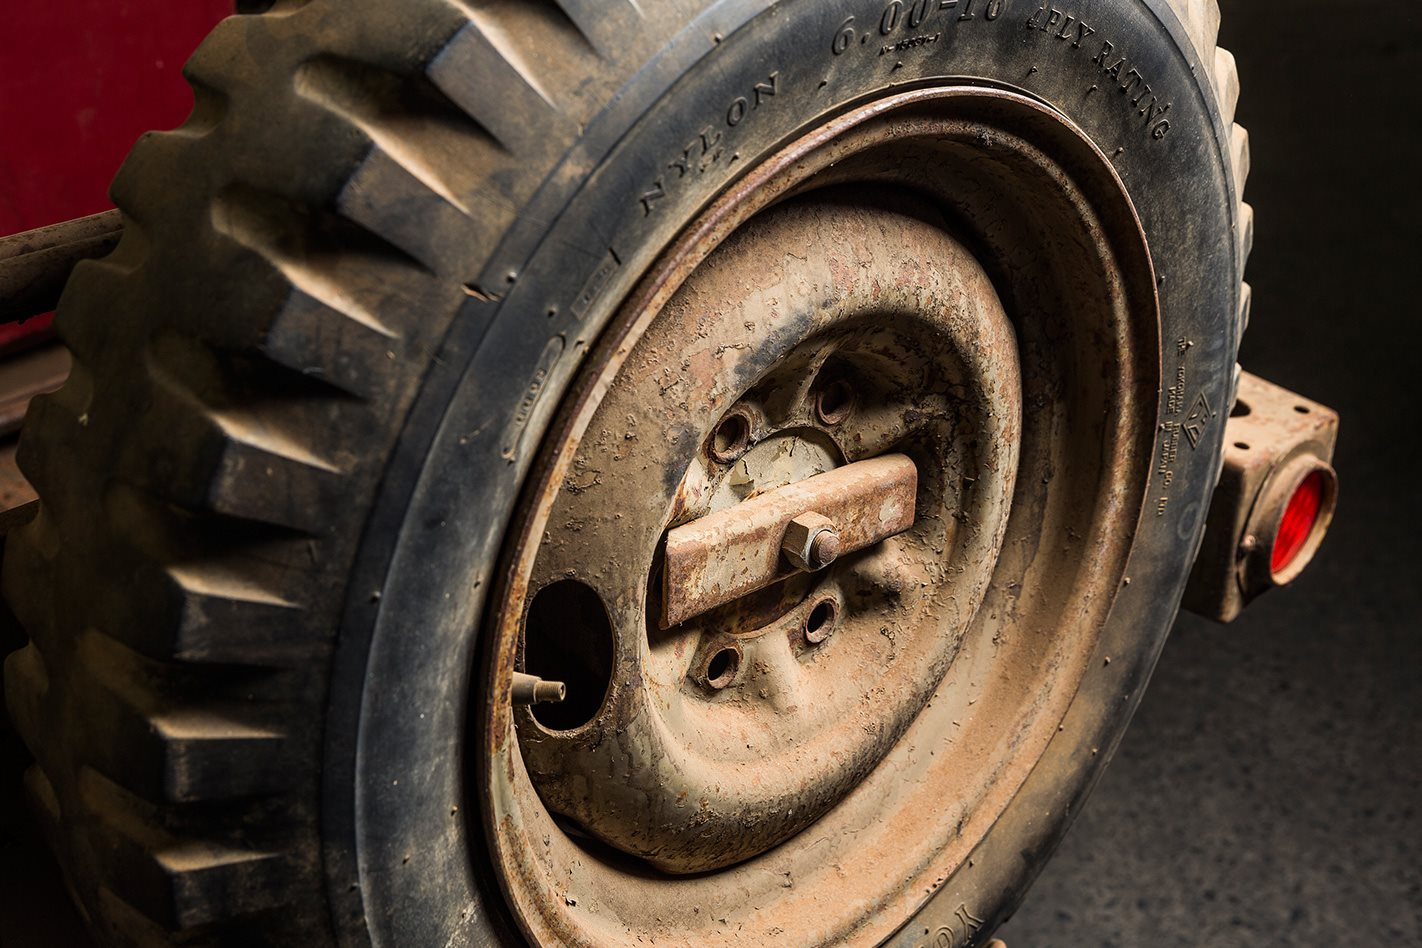 Toyota BJ FJ Land Cruiser evolution wheel